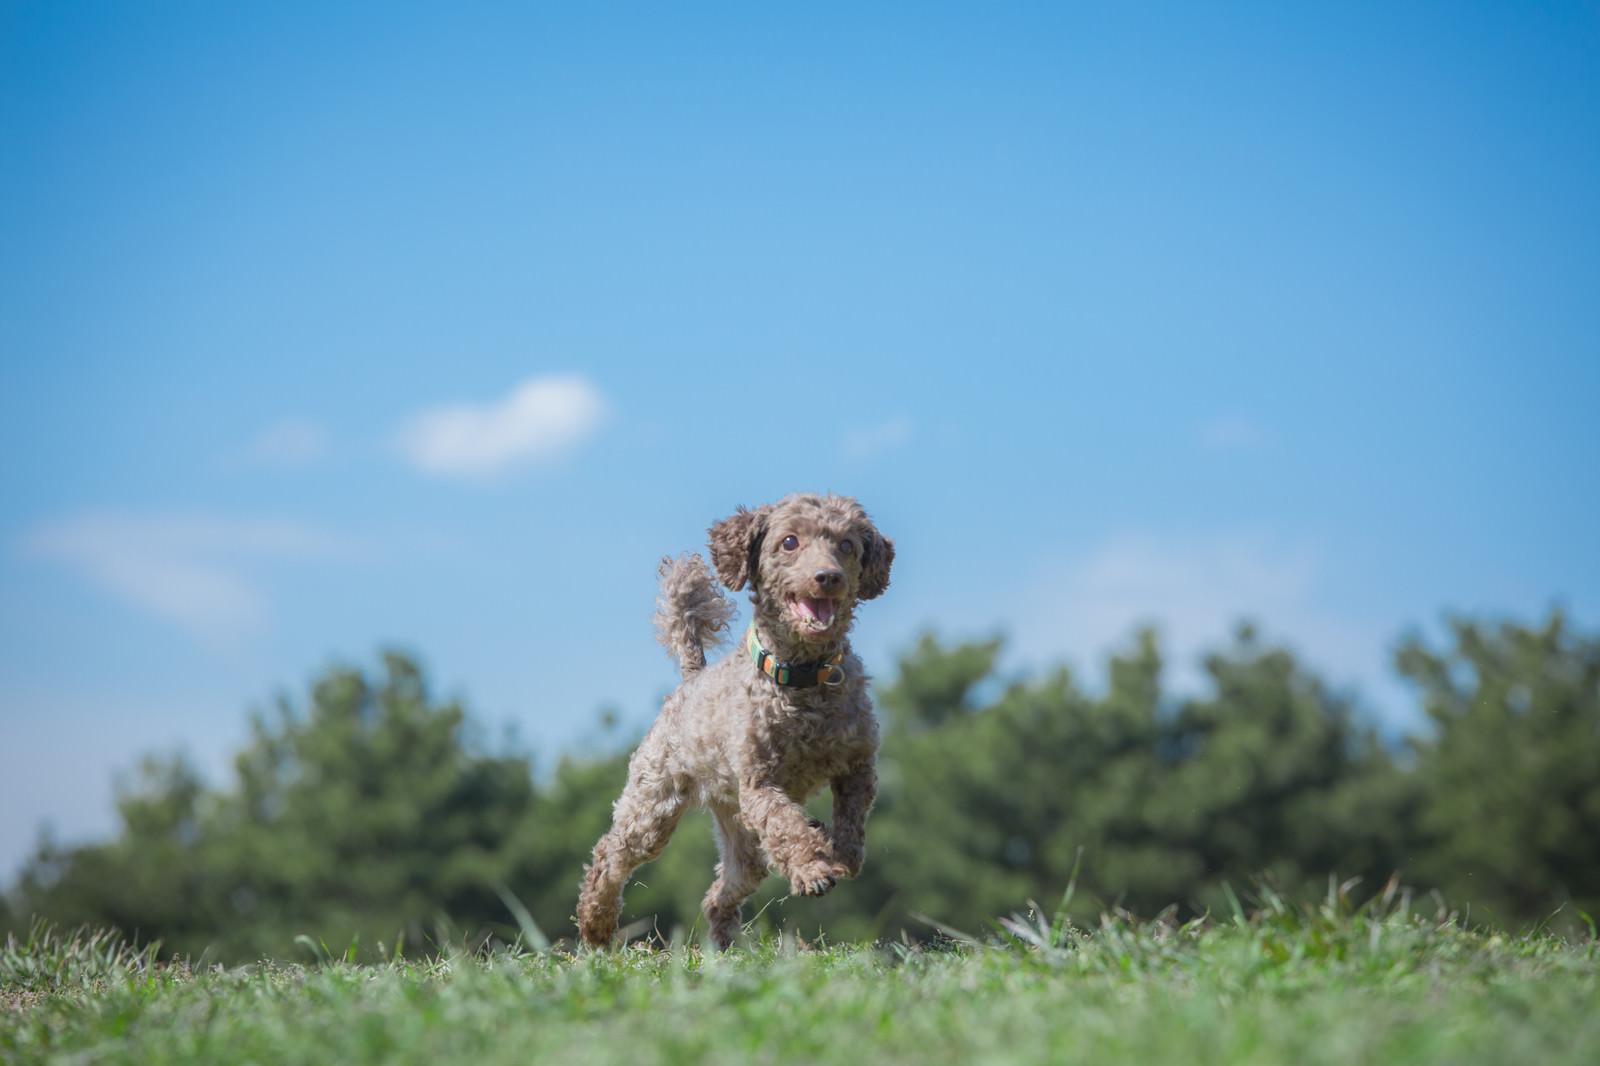 「草原を走り回る小型犬草原を走り回る小型犬」のフリー写真素材を拡大